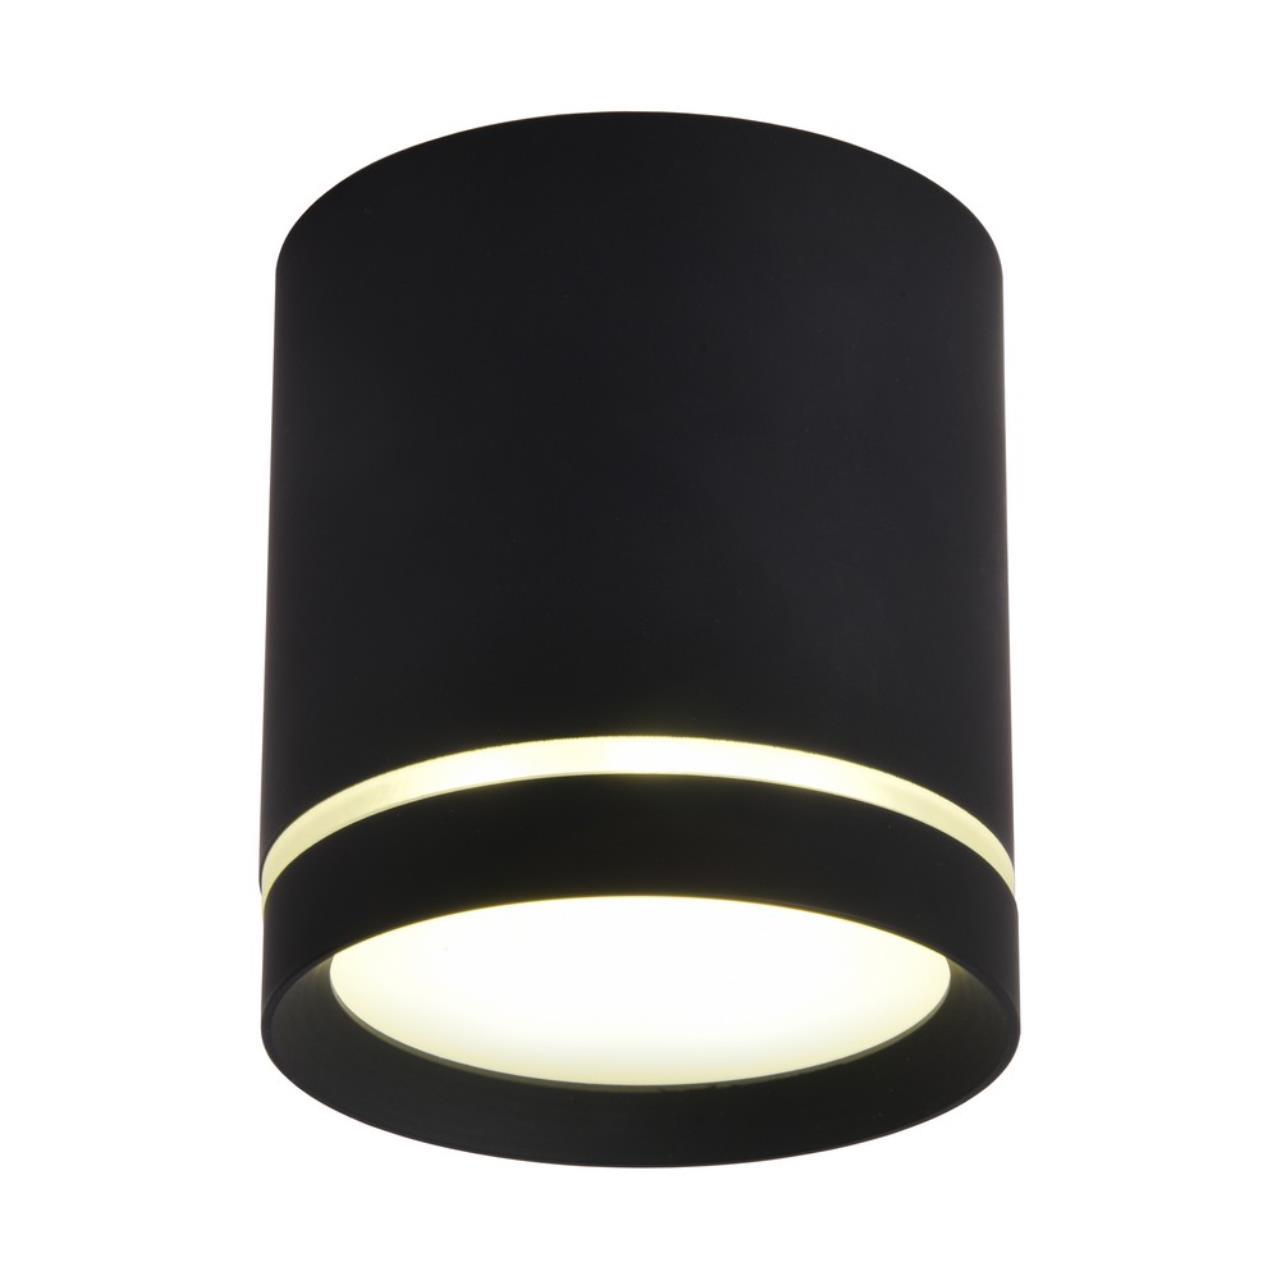 Встраиваемый-накладной светильник Omnilux OML-102419-05